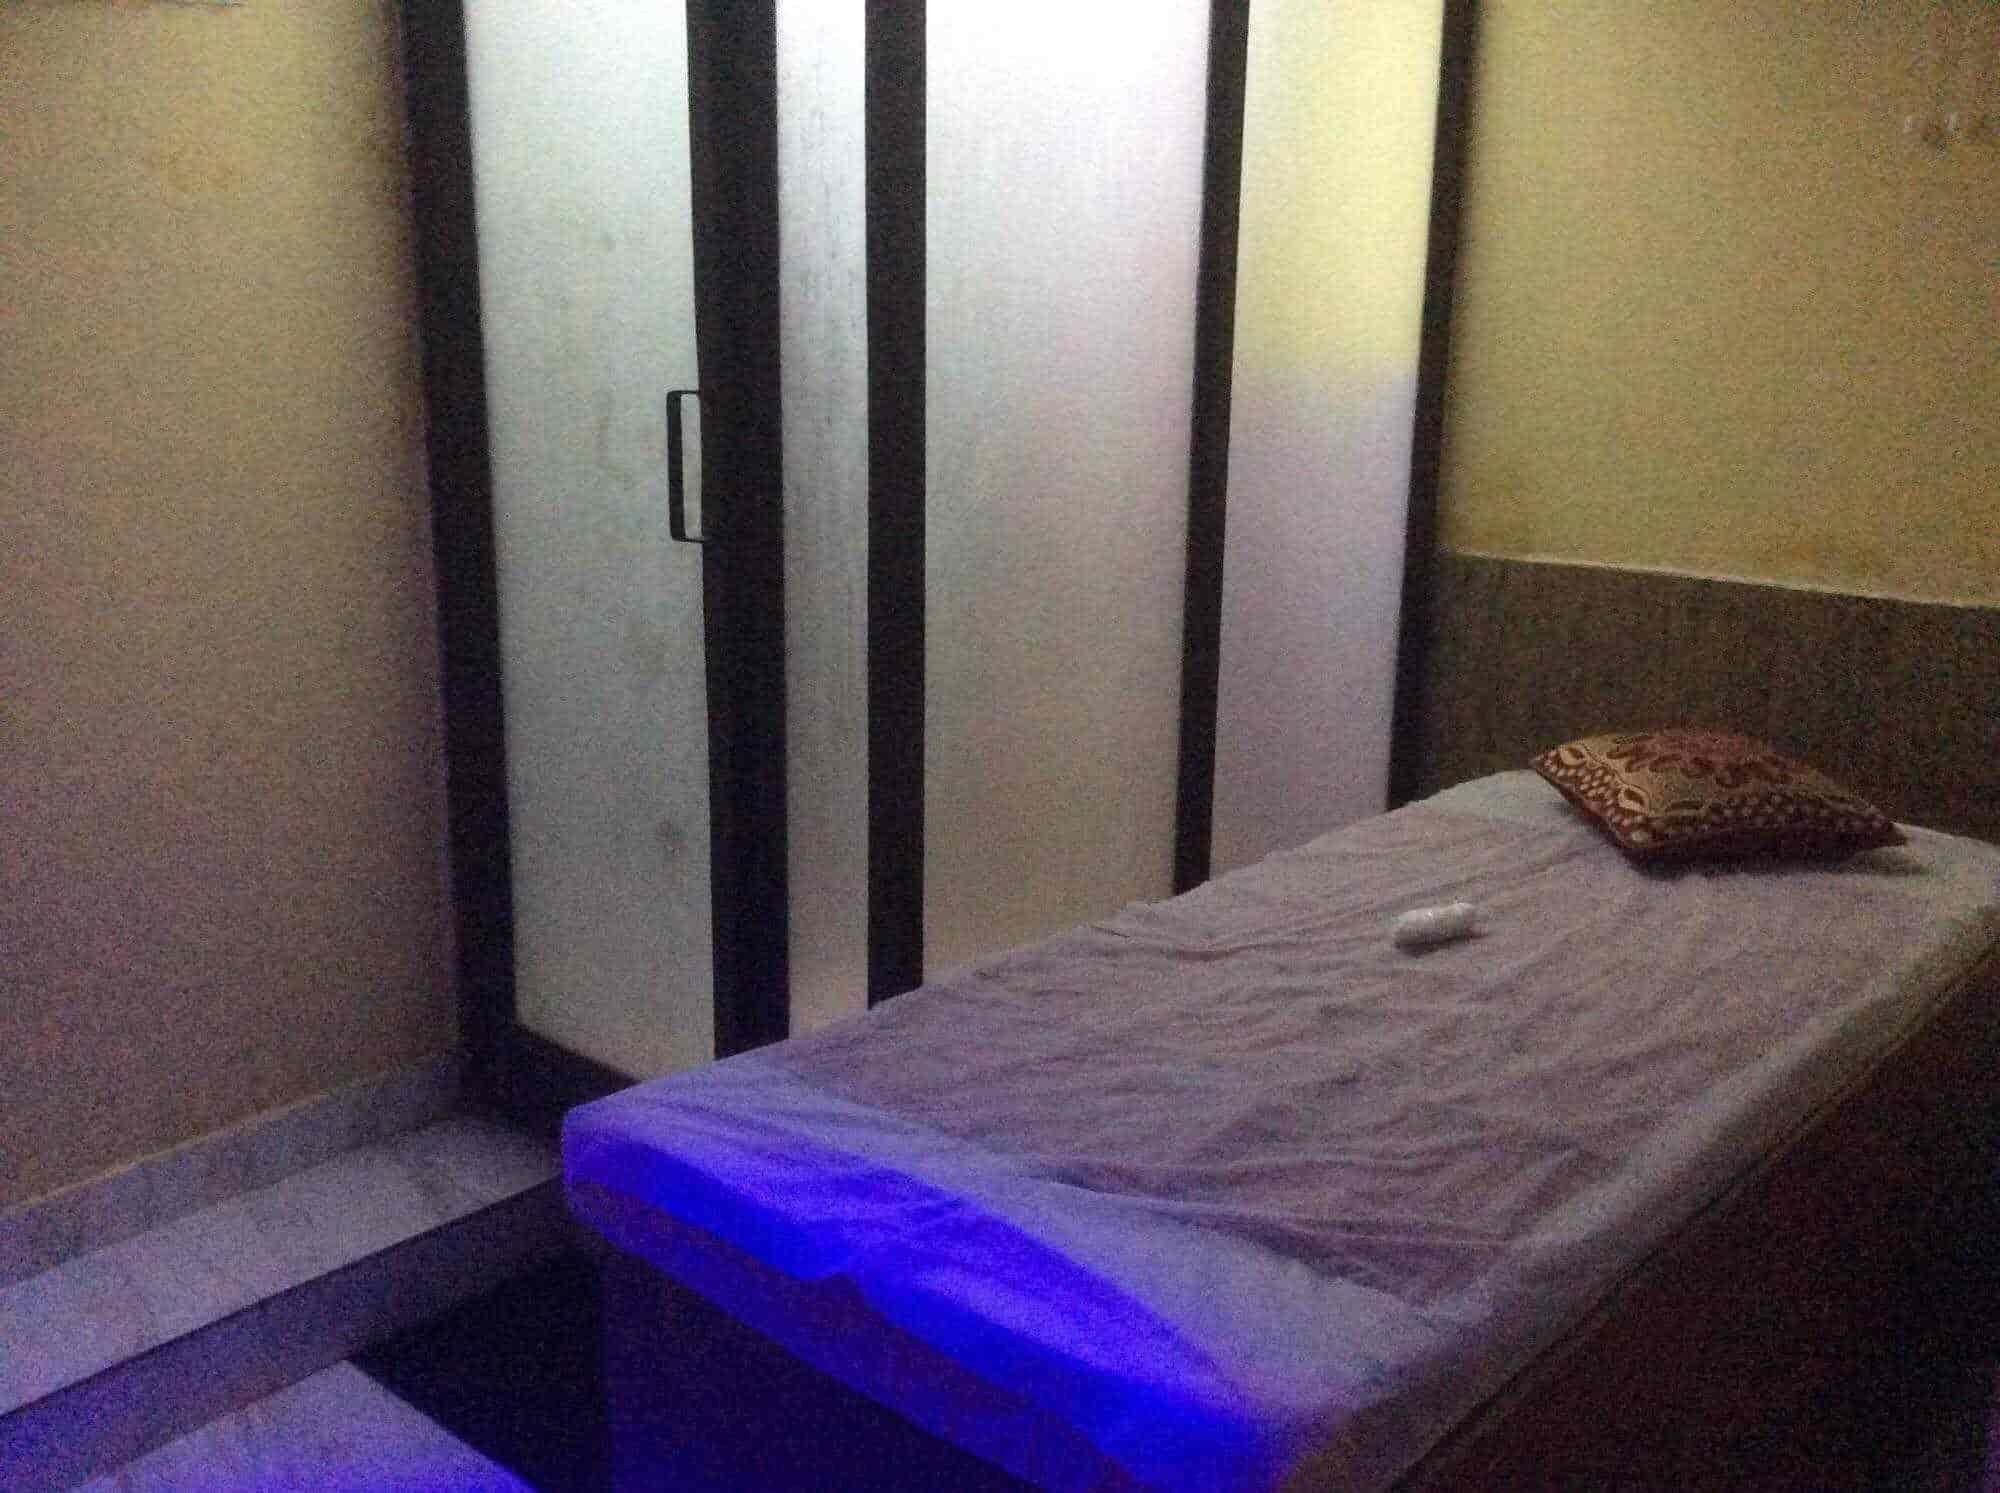 Nancy Spa Rohini Sector 2 Body Massage Centres In Delhi Justdial